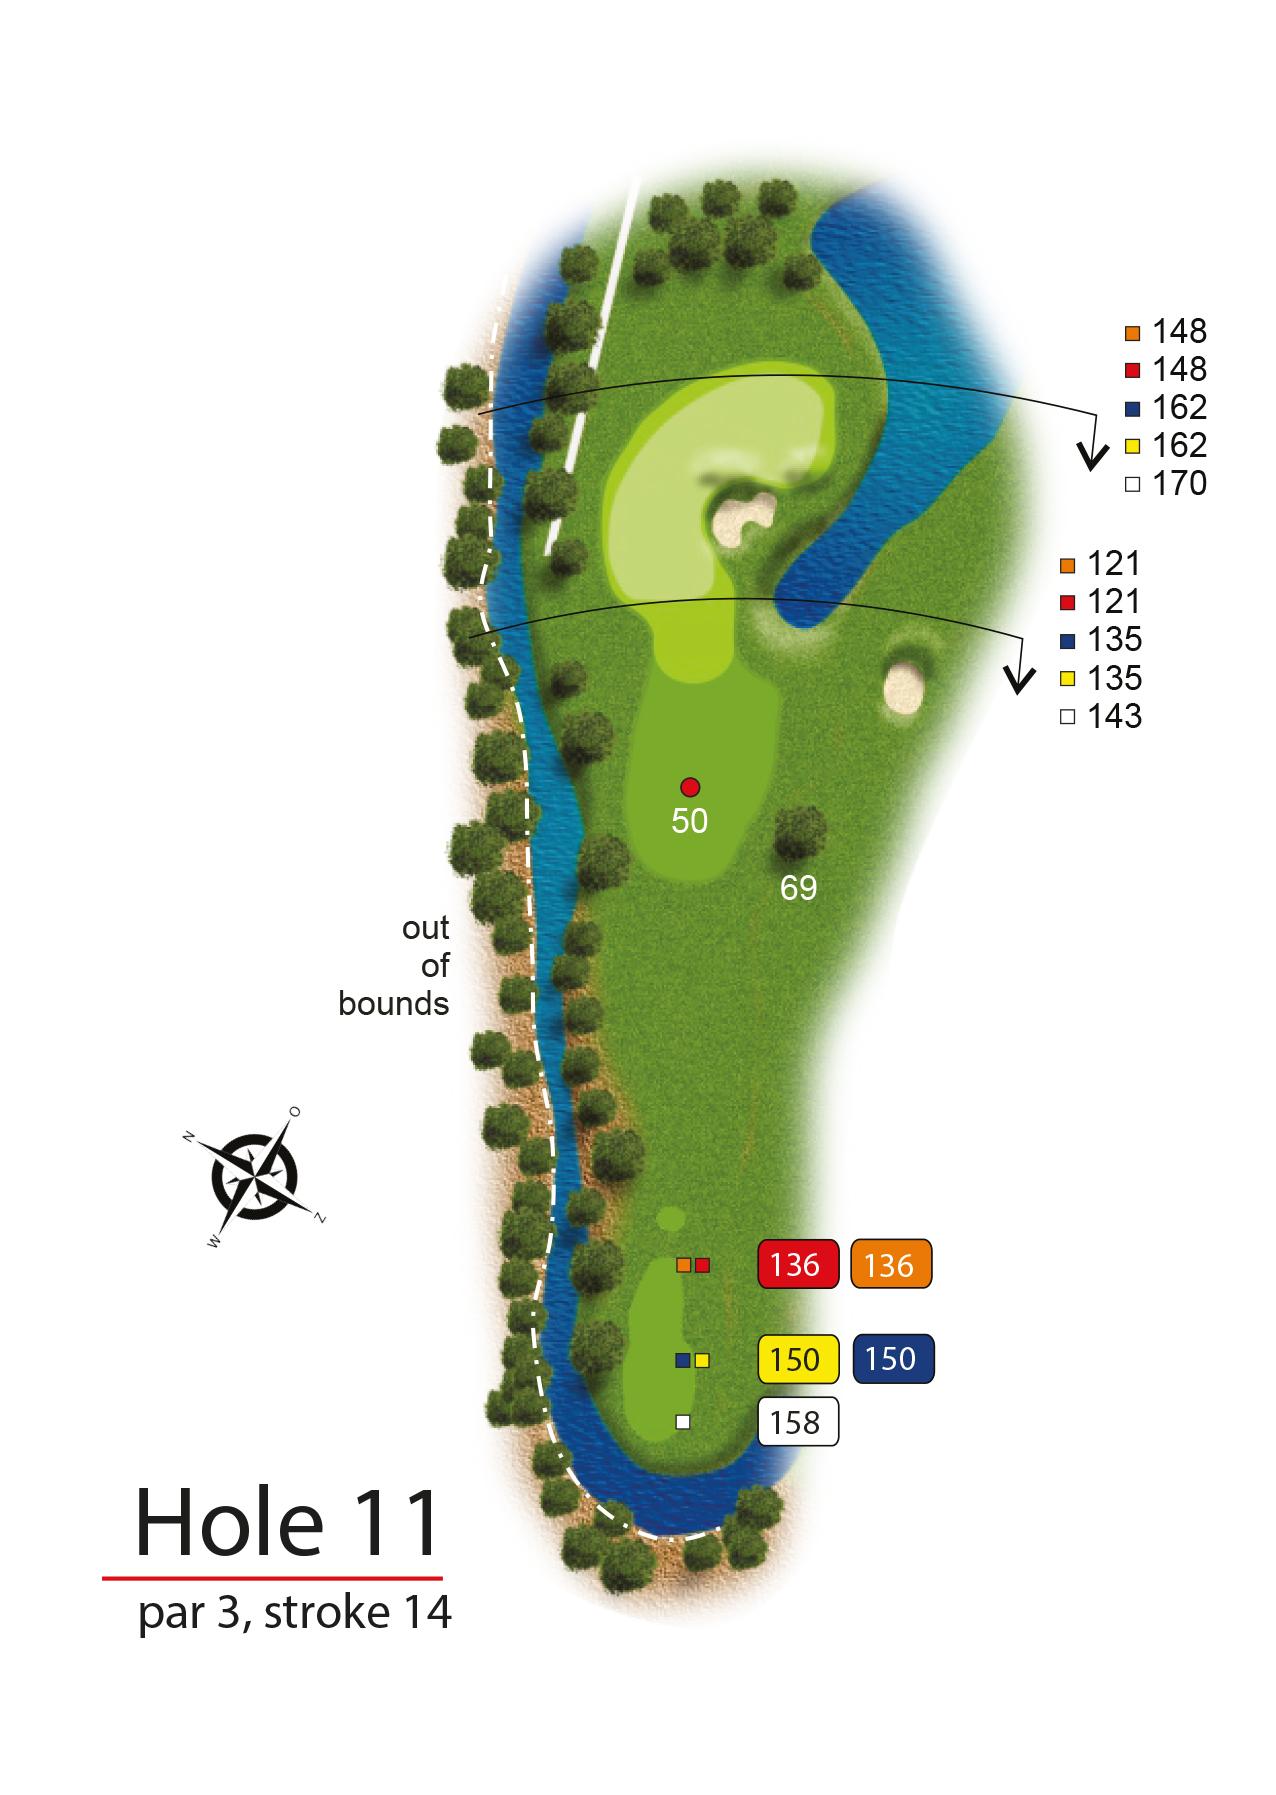 Hole 11 - simple